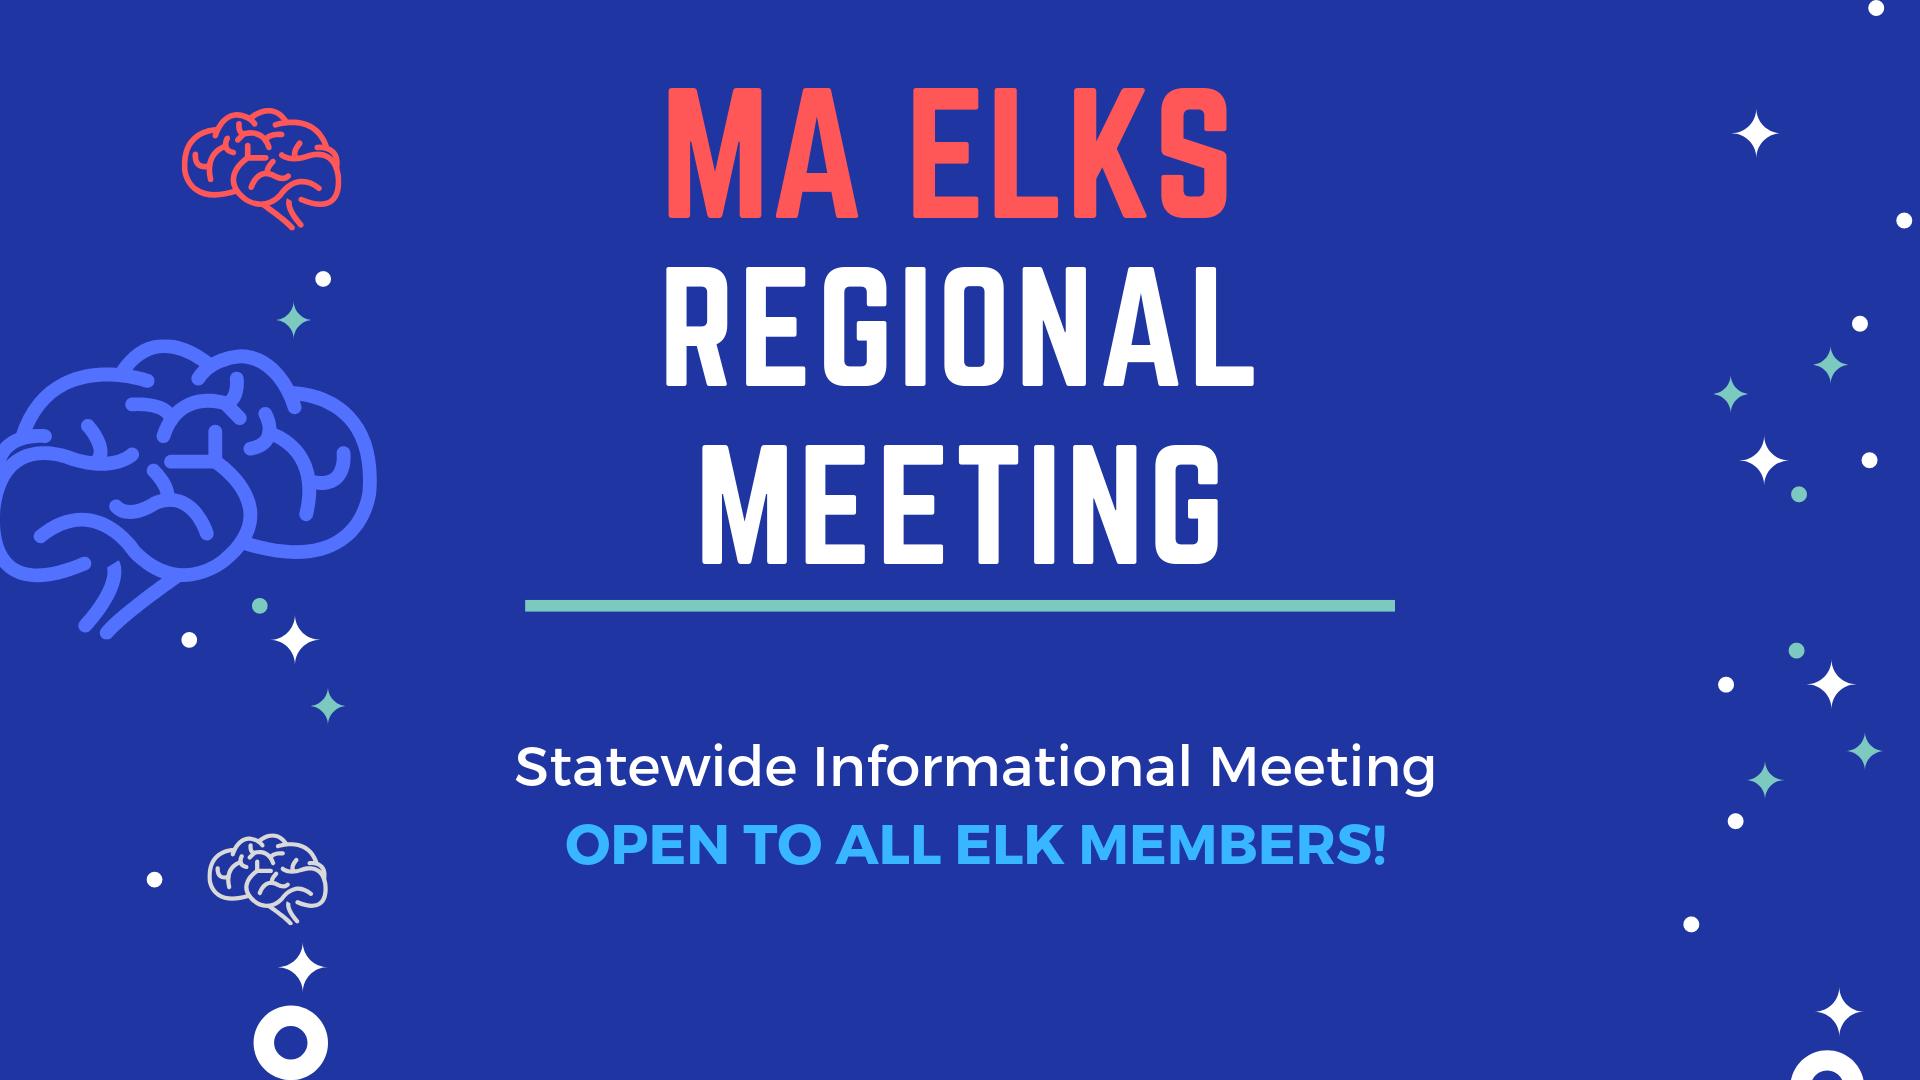 REGIONAL MEETING.png